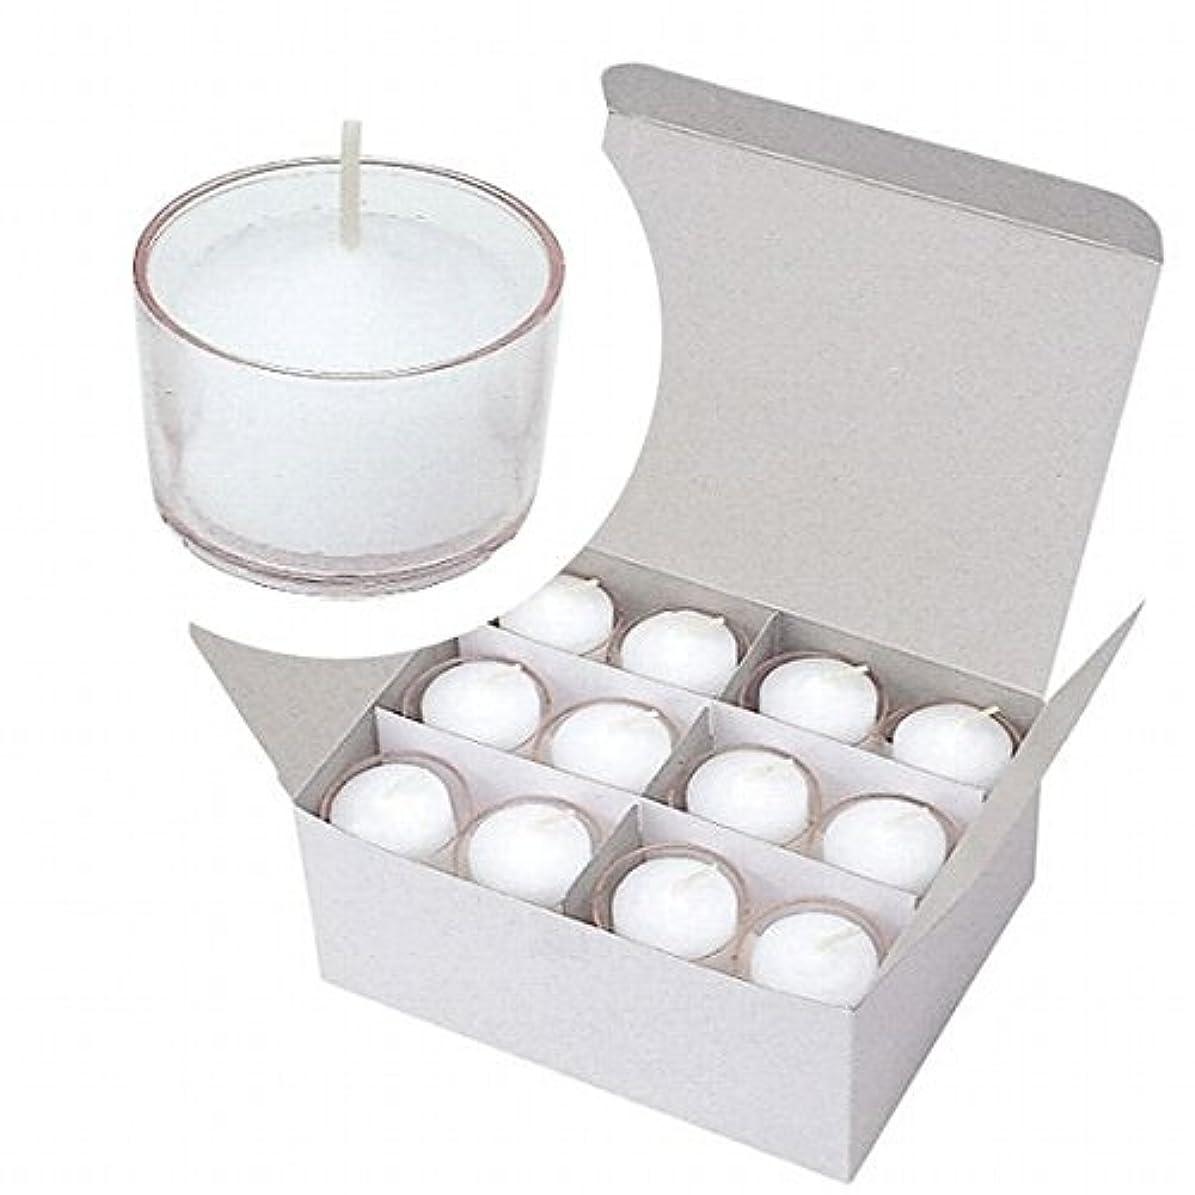 爆風適用済み殺しますカメヤマキャンドル(kameyama candle) クリアカップボーティブ4時間タイプ 24個入り 「 クリア 」